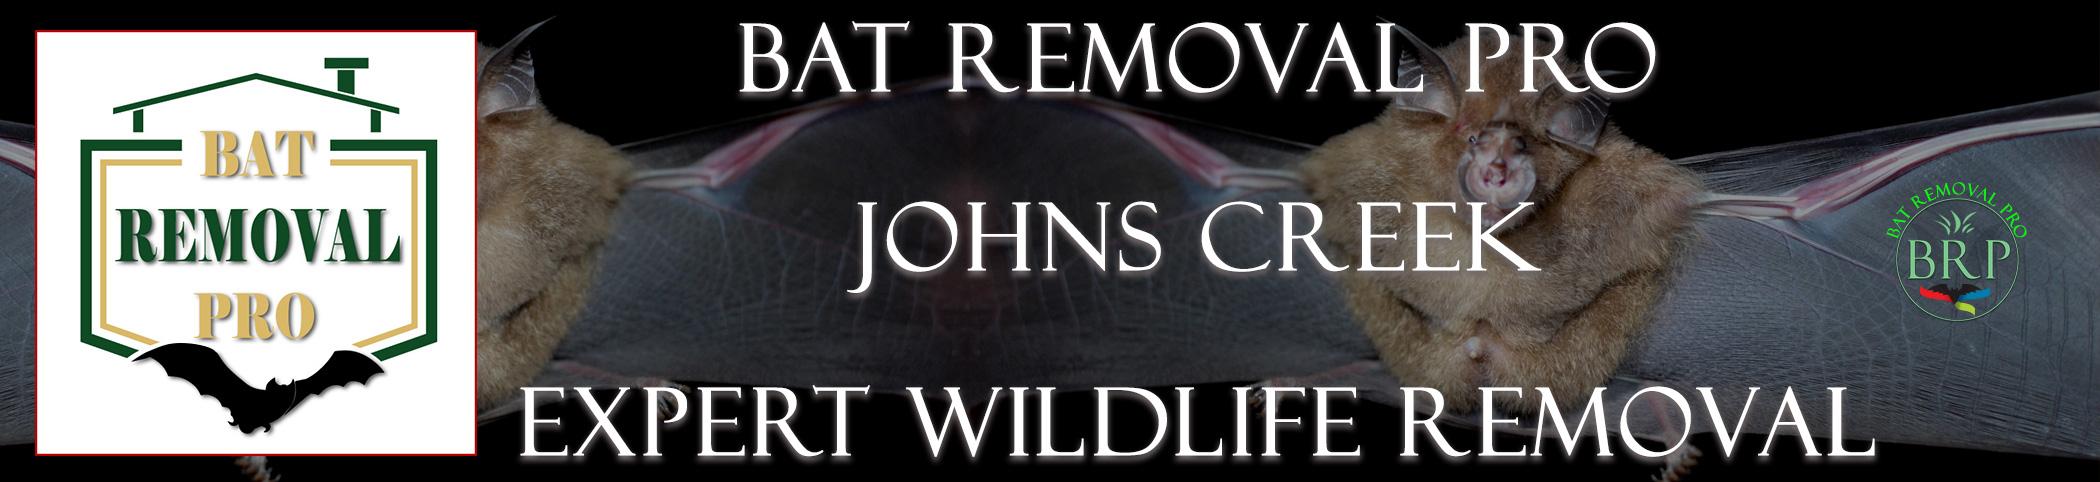 Johns-Creek-bat-removal-at-bat-removal-pro-header-image